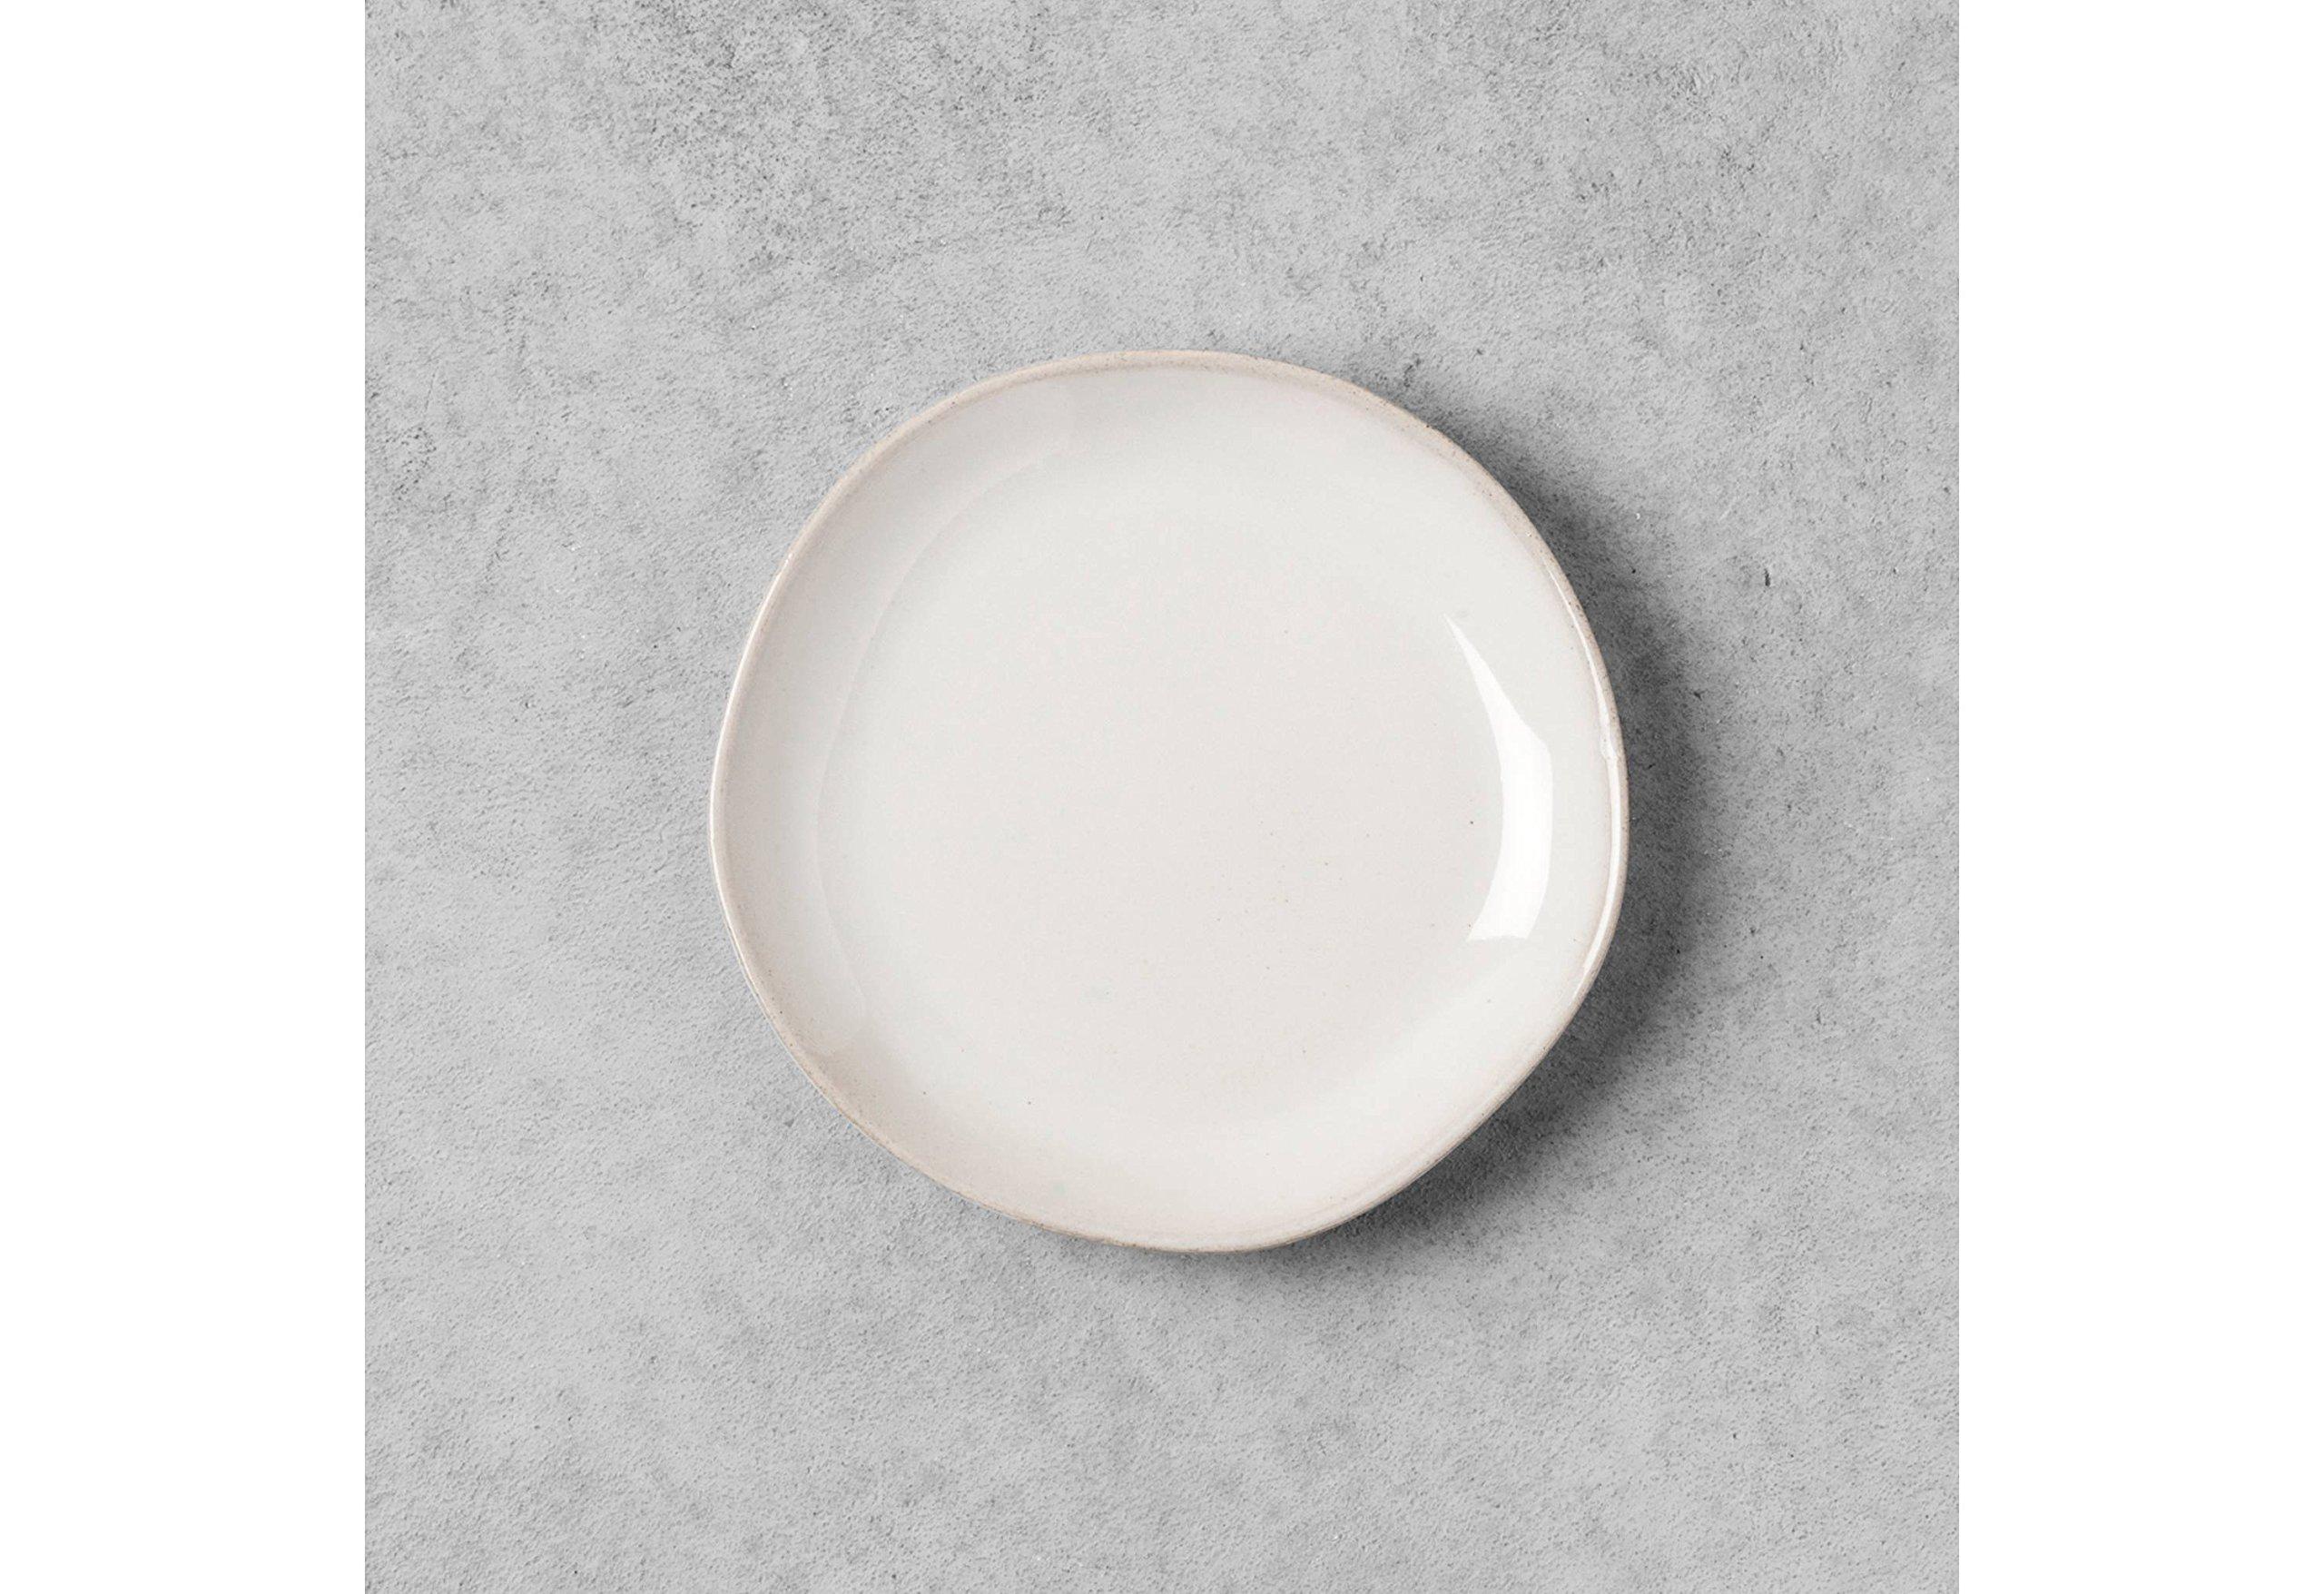 Stoneware White Bread Plate - Hearth & Hand with Magnolia